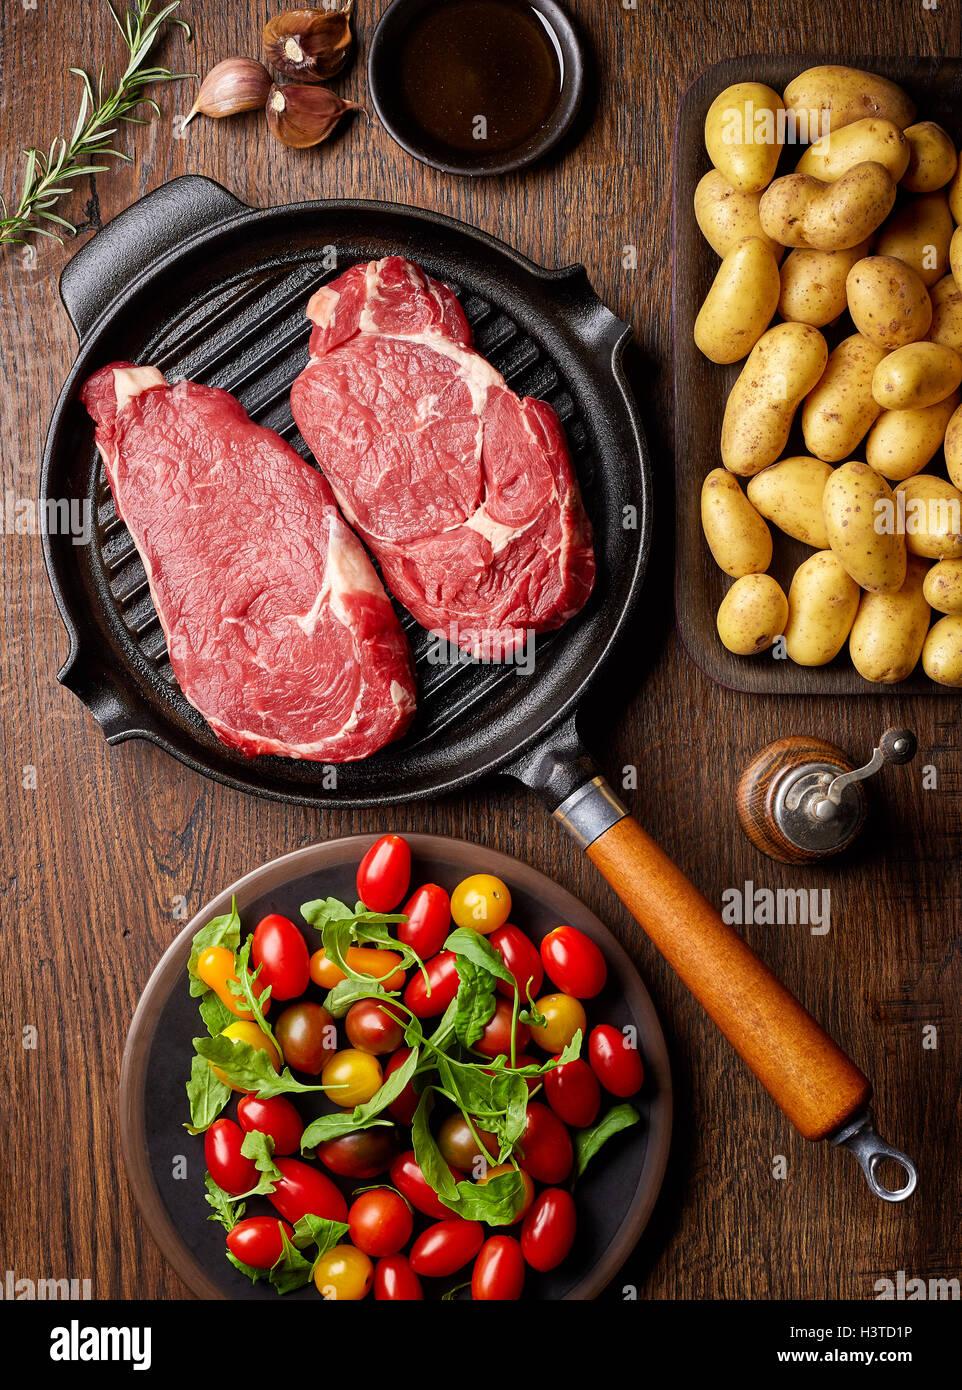 Filete de carne cruda en la parrilla, patatas, tomates y especias, vista superior, sobre la mesa de madera Foto de stock